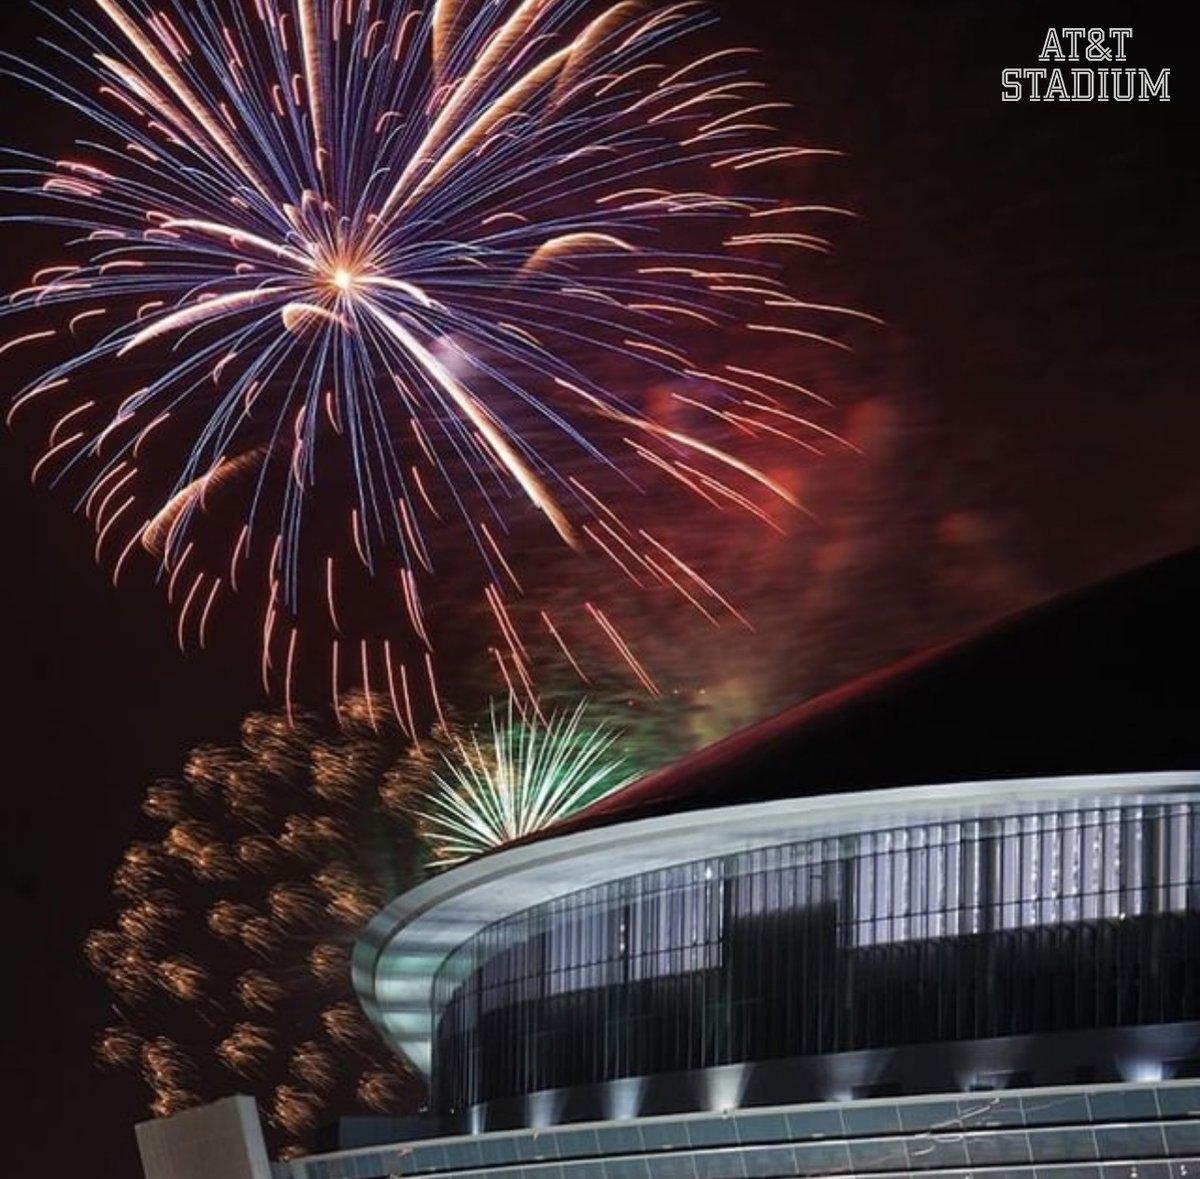 Happy New Year #CowboysNation 🎆 Cheers to 2021 #HappyNewYear | #DallasCowboys | #DC4L